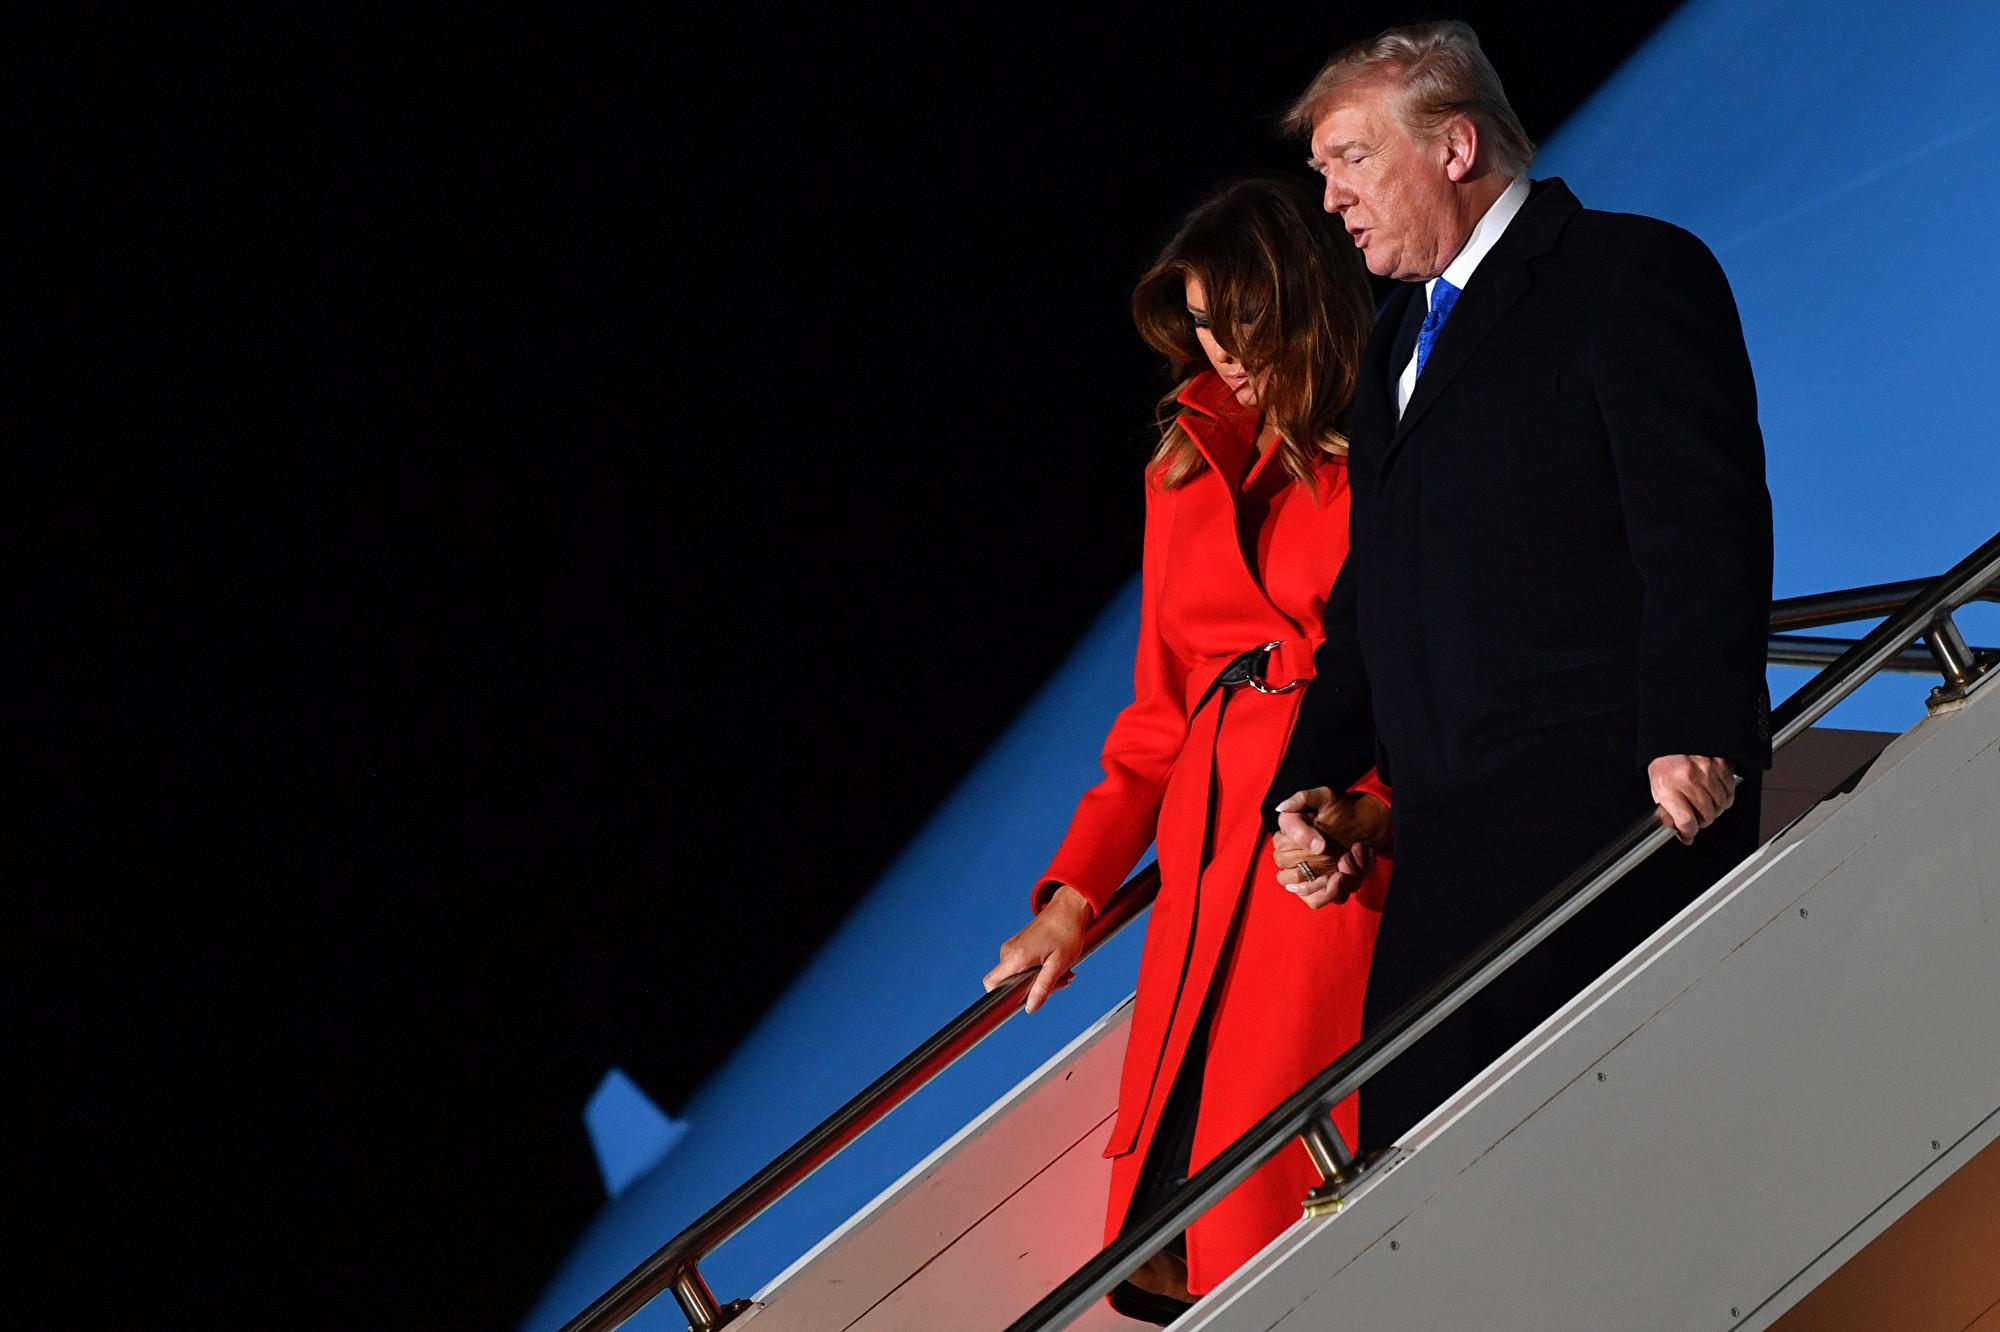 特朗普赴英參加北約峰會 5件事情值得關注